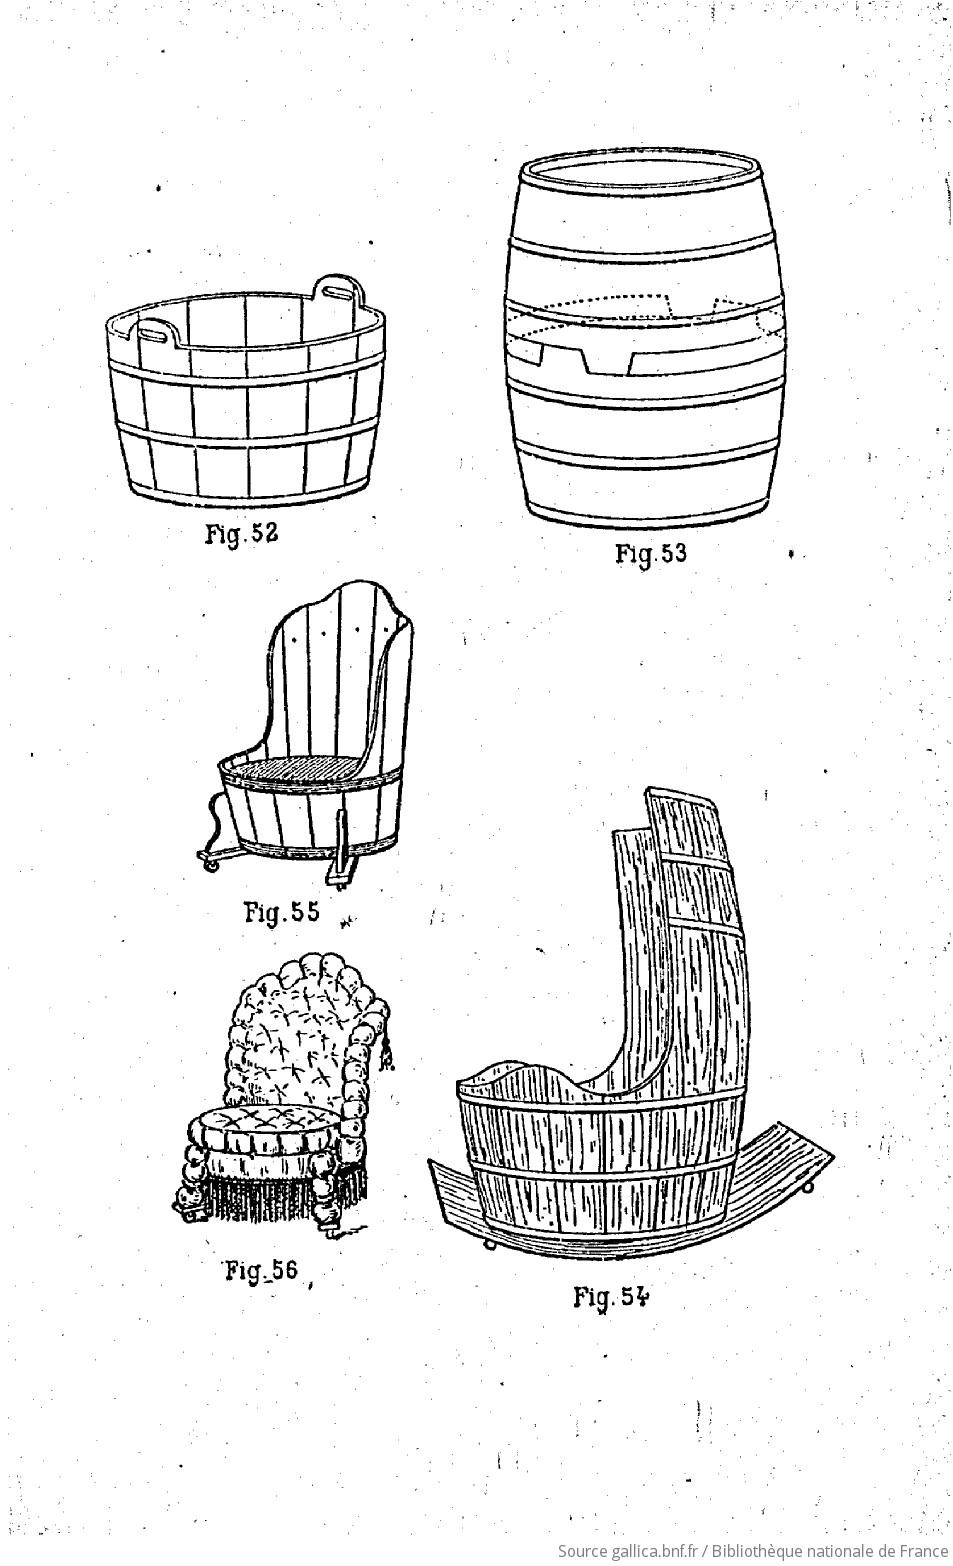 [PDF] Ouvrages anciens: Jardins ,Potagers, Cultures ,Economie Domestique F230